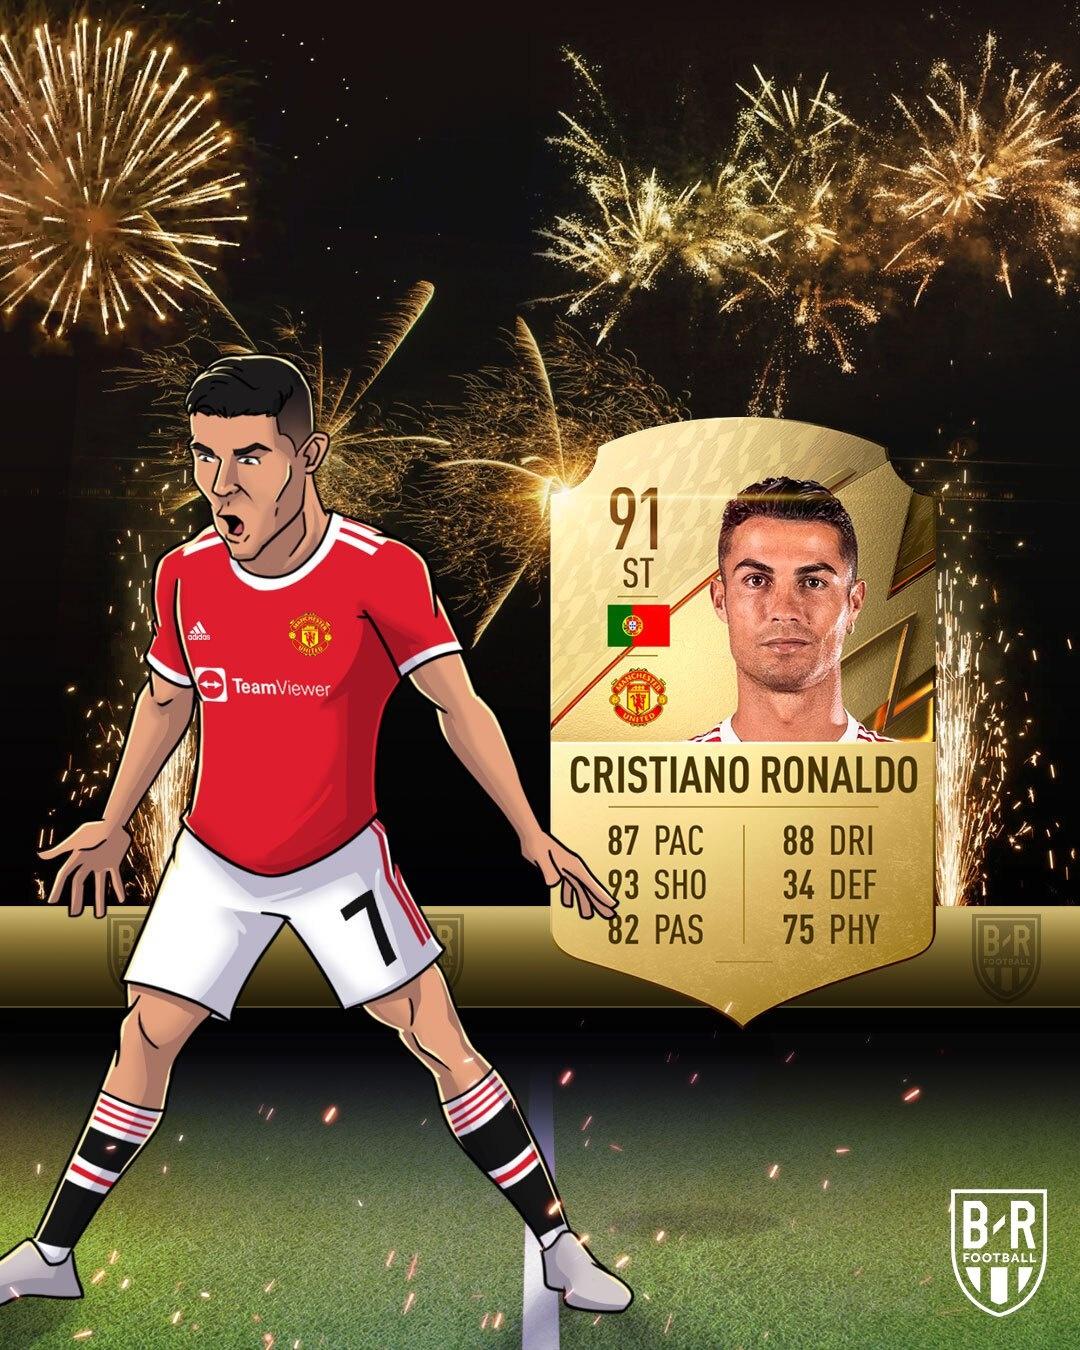 Chi so Ronaldo FIFA 22 anh 5